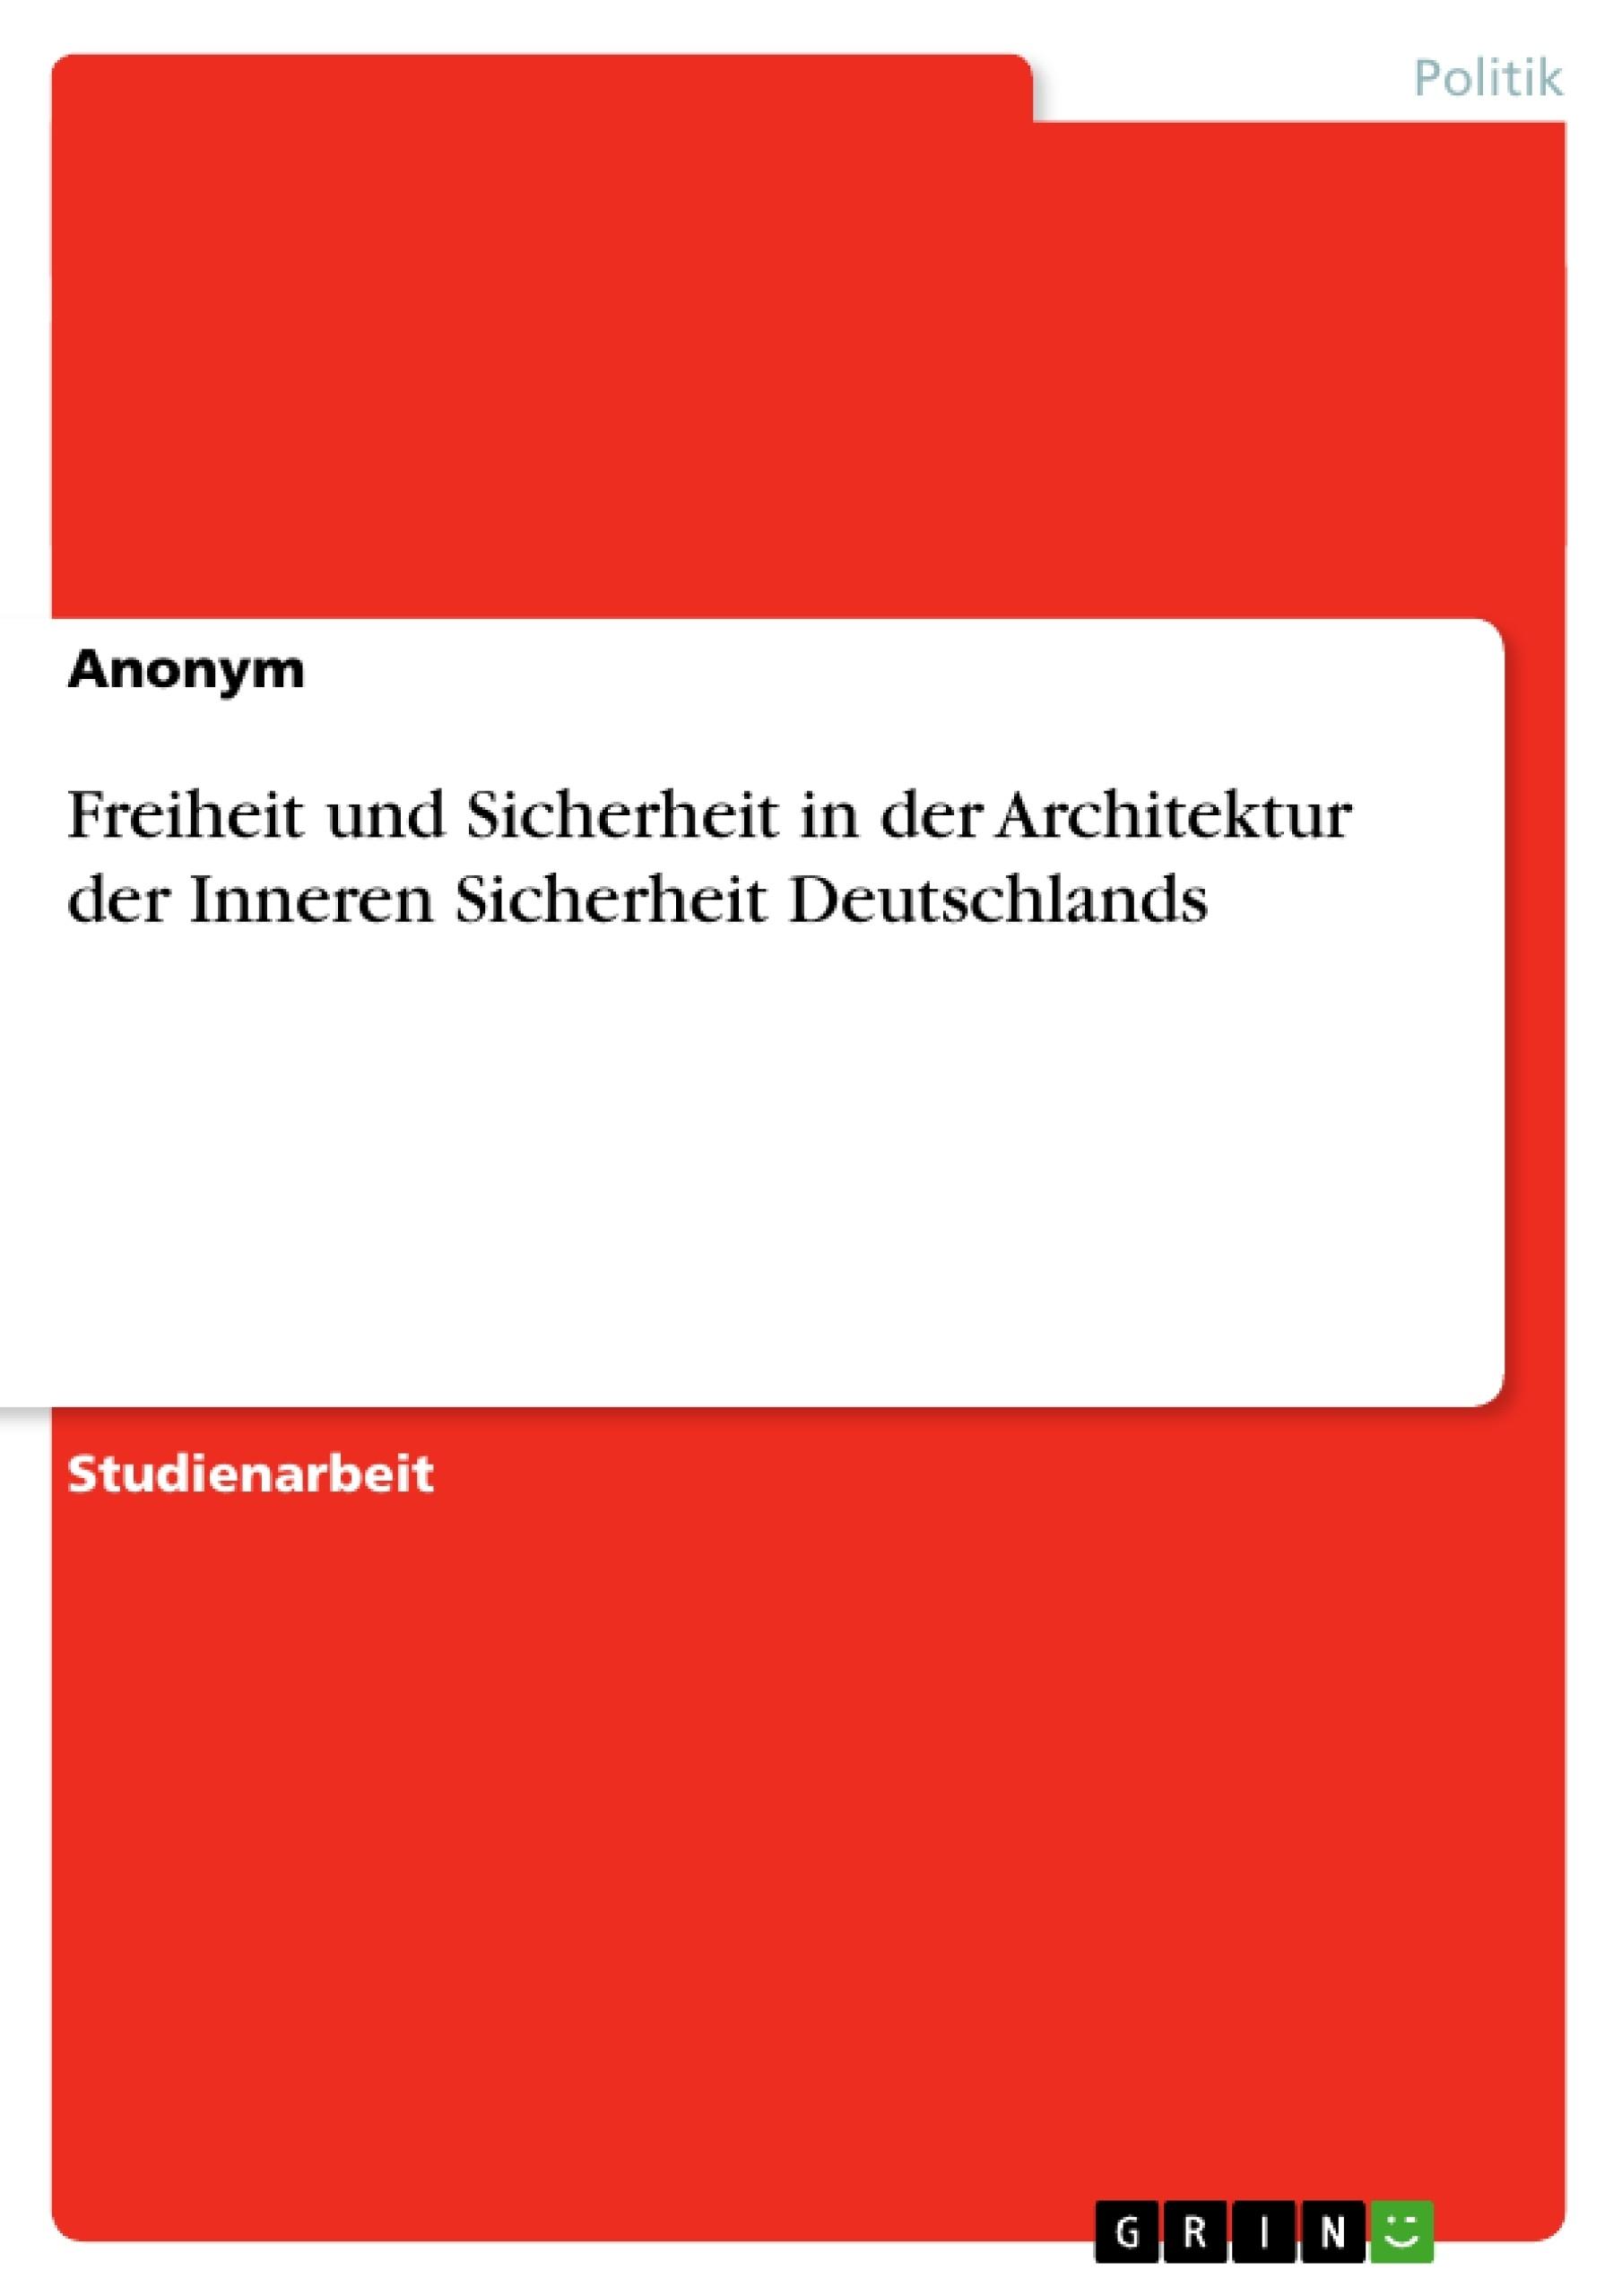 Titel: Freiheit und Sicherheit in der Architektur der Inneren Sicherheit Deutschlands